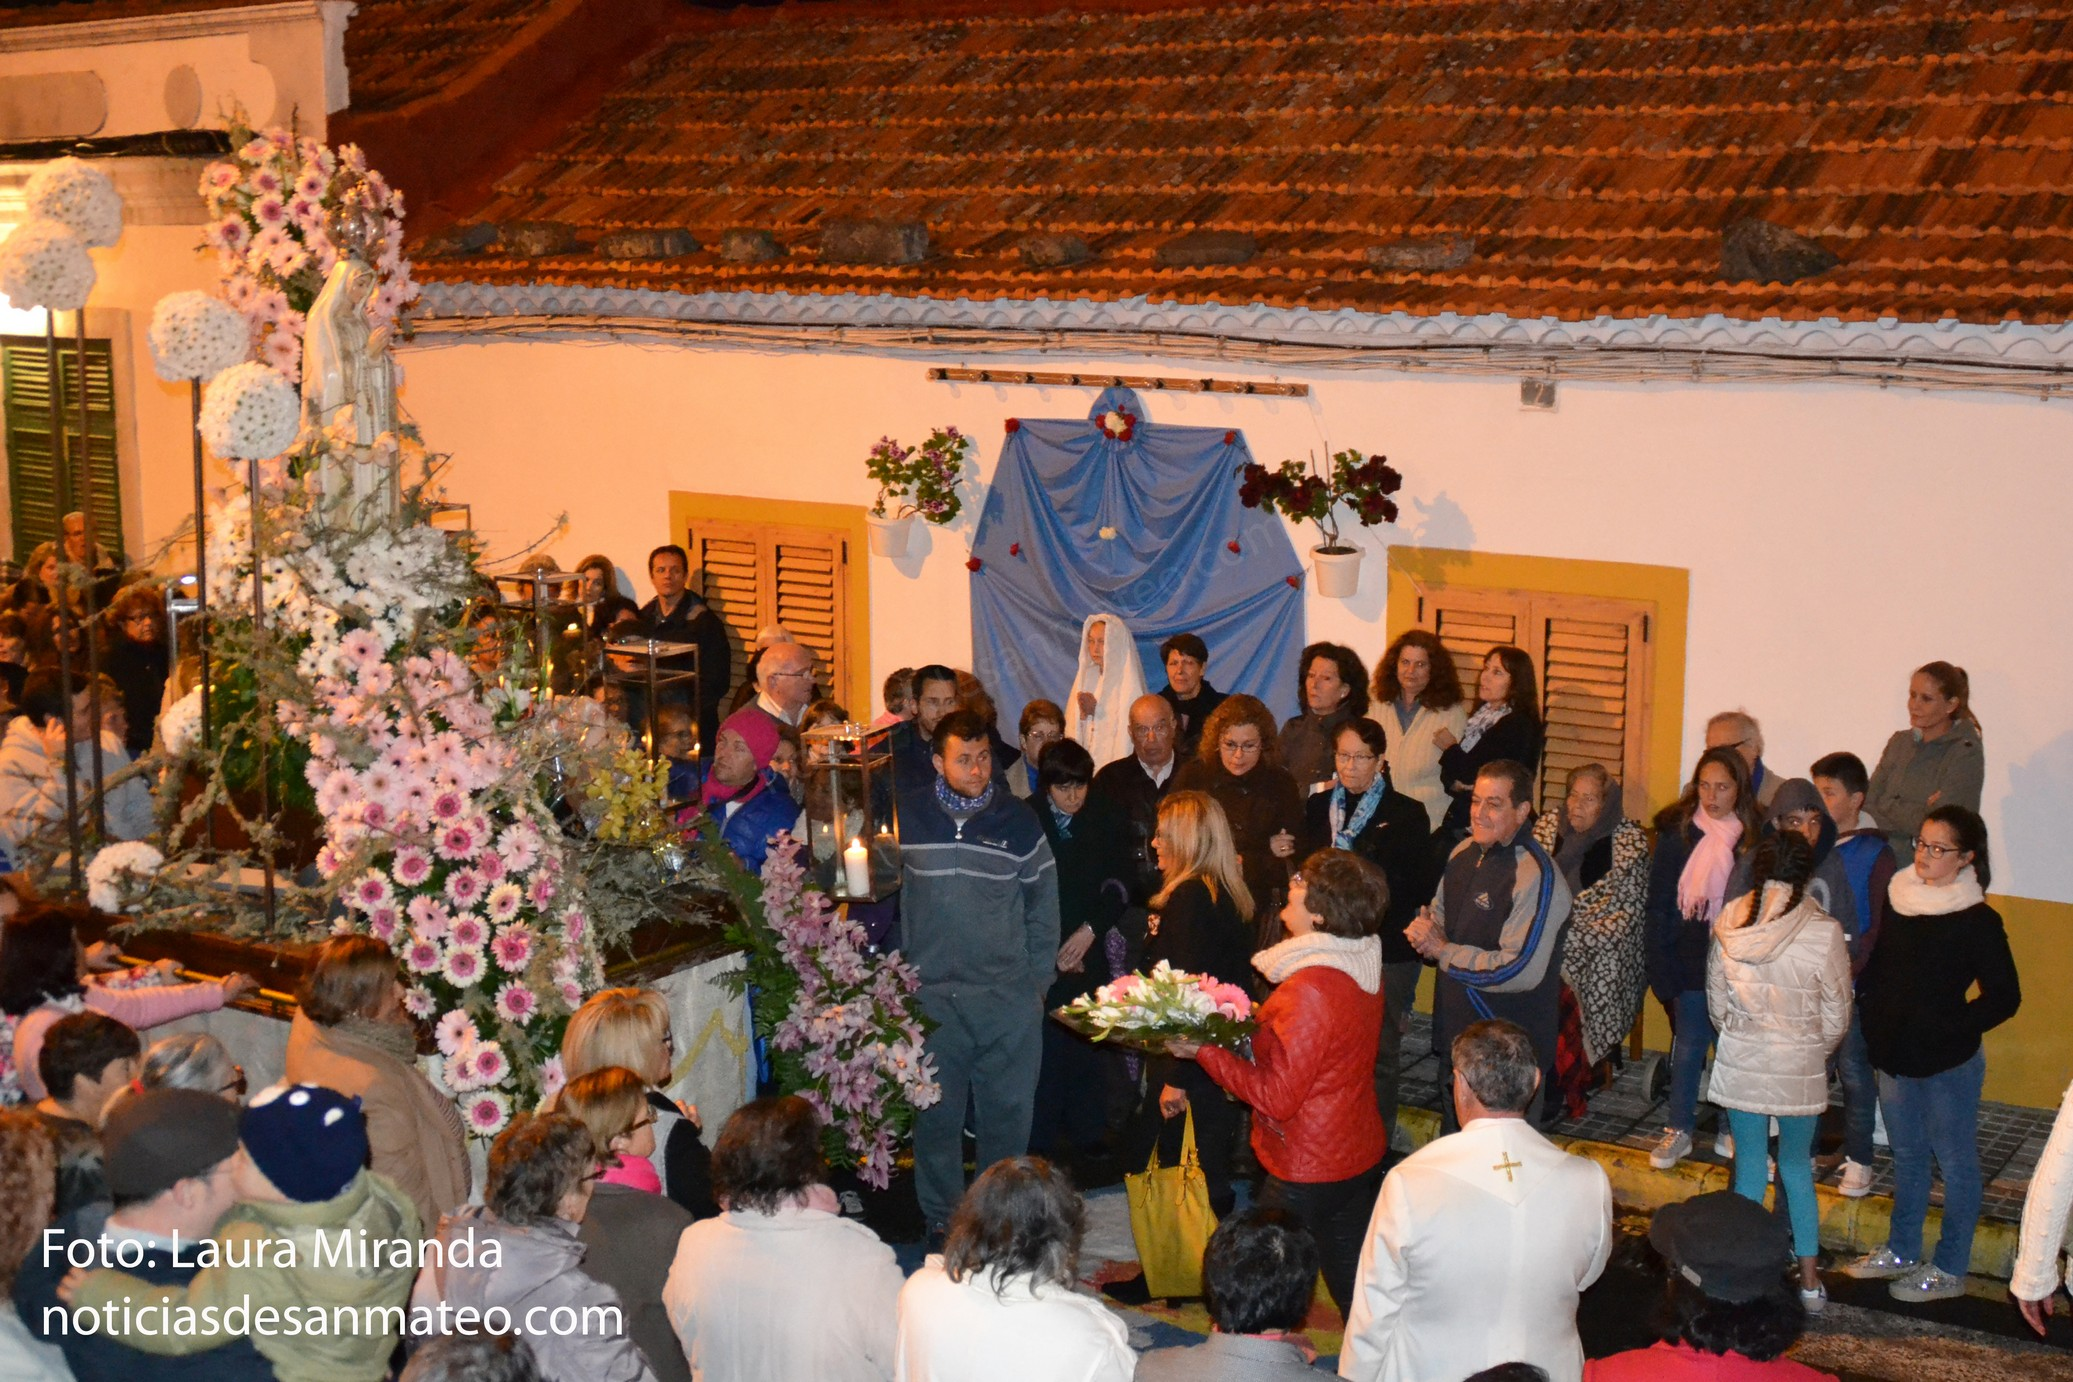 Procesion Virgen de Fatima La Higuera 12 de mayo de 2016 San Mateo 3